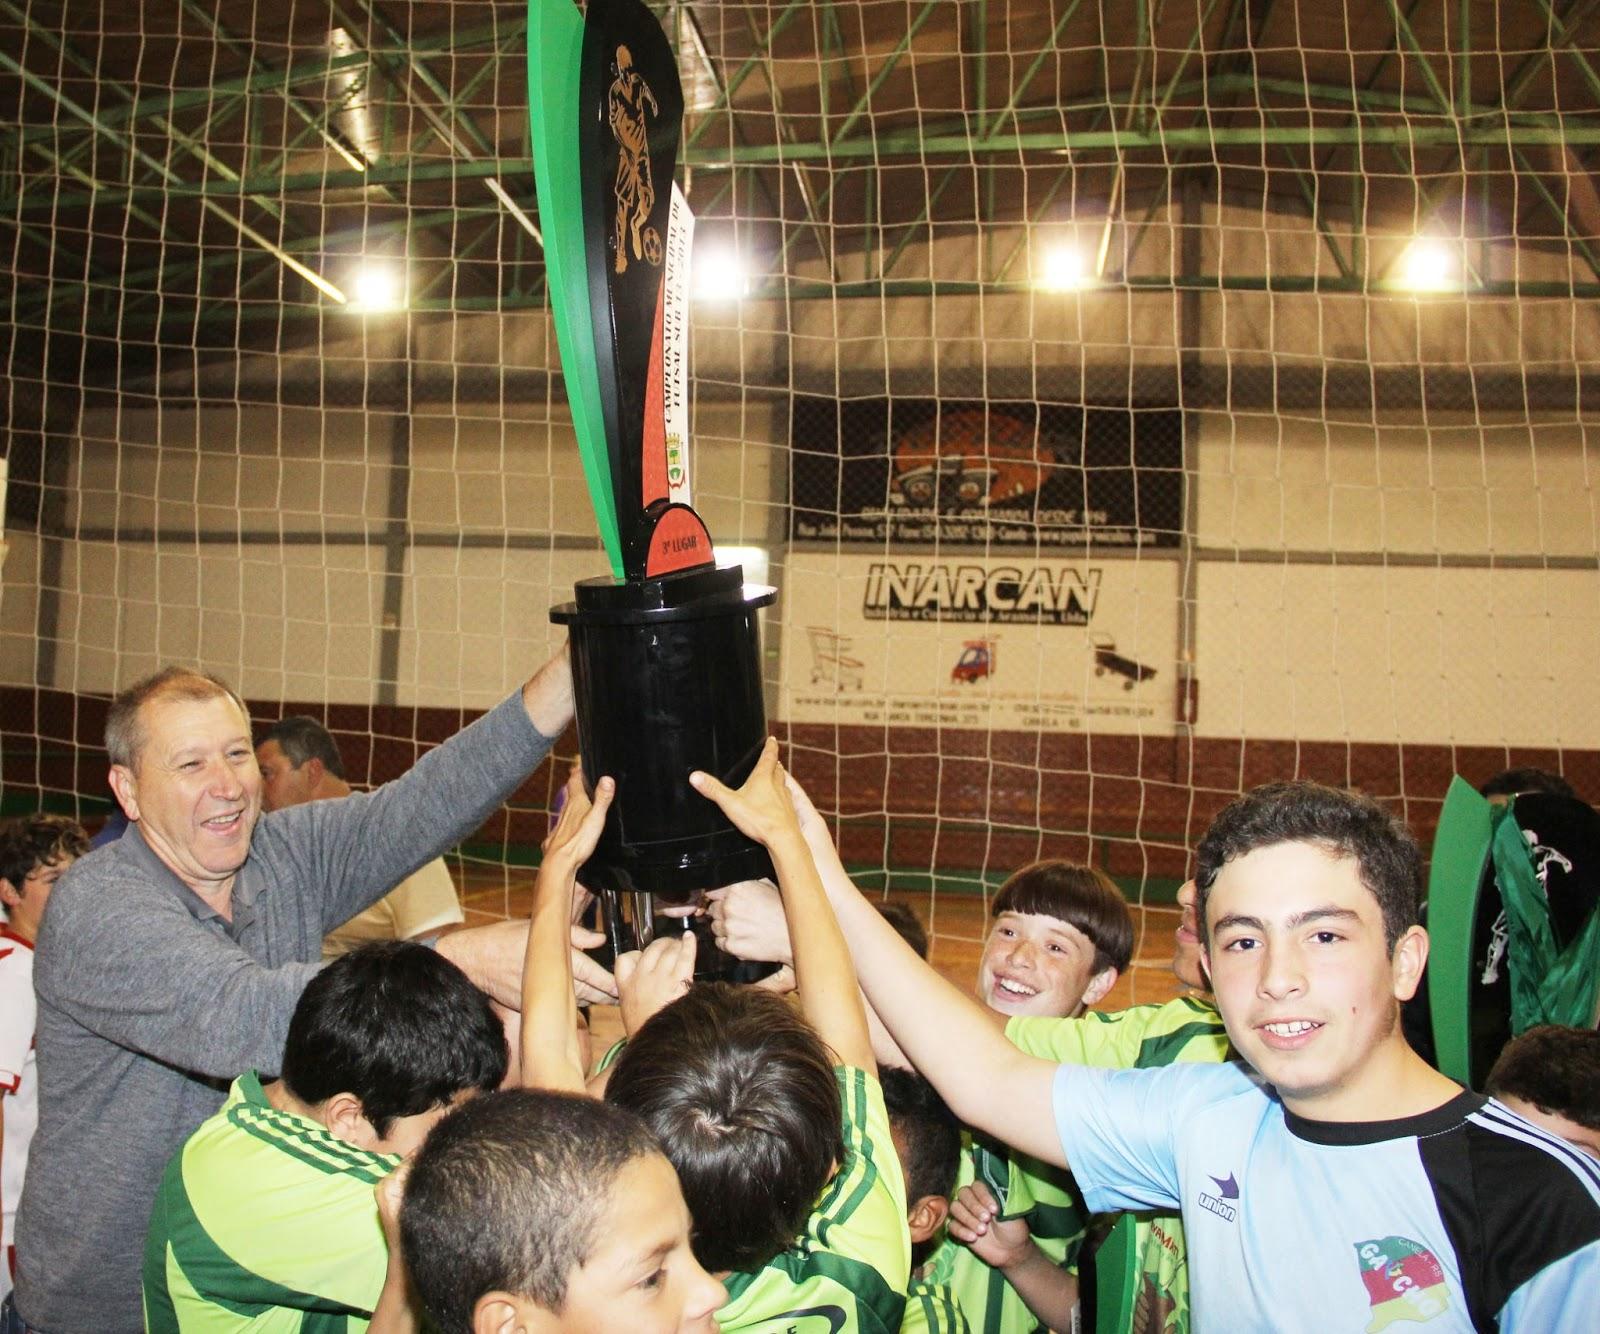 ... letra Carioca Pinturas sagrou-se campeã do Campeonato Municipal de Futsal  Sub-13 promovido pelo DMEL de Canela. No duelo final a equipe Toque de ... 06b0b1fd52e24